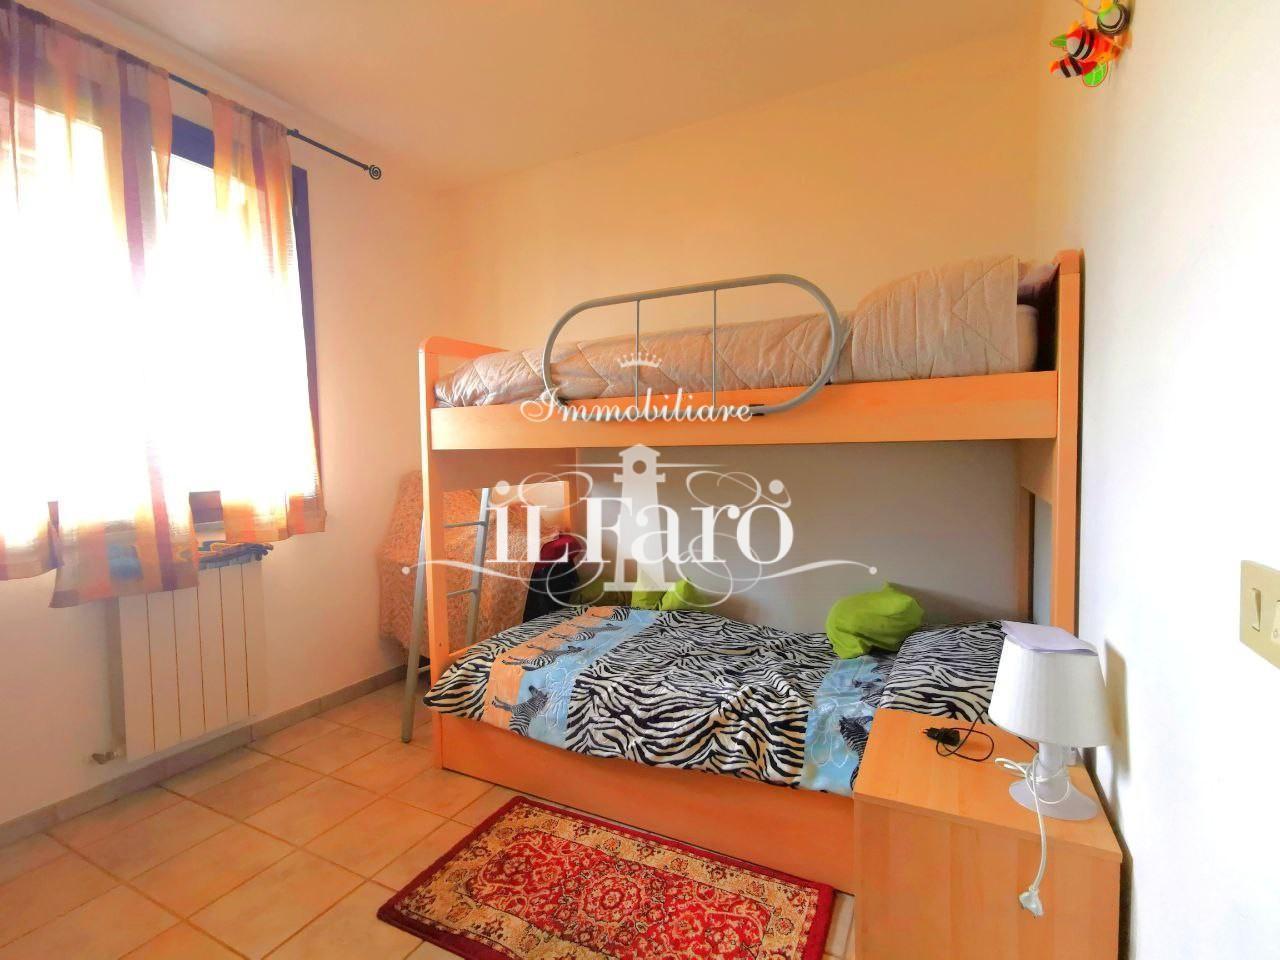 Appartamento in vendita, rif. P3640